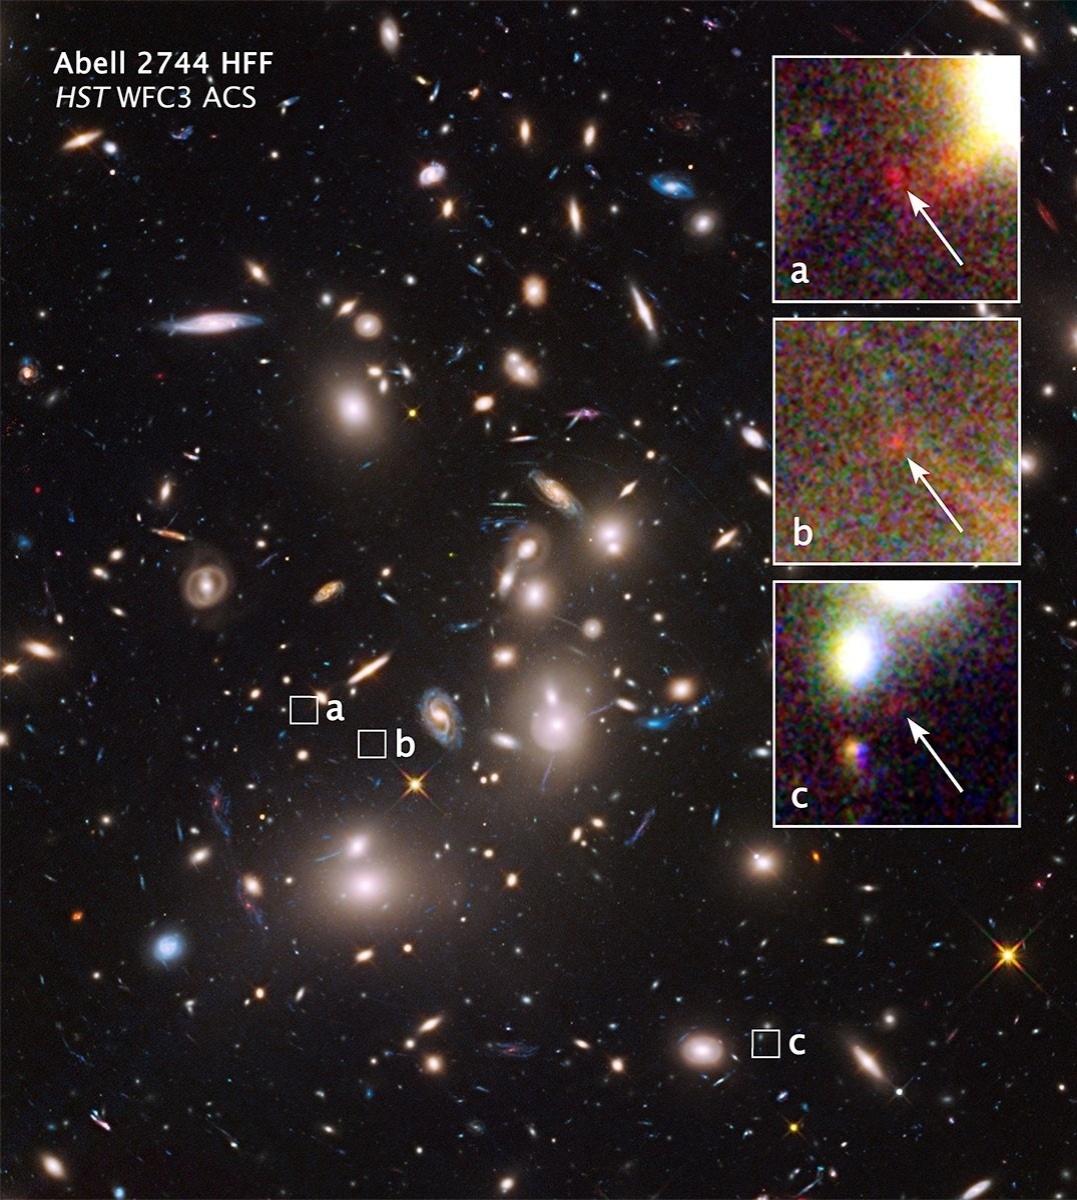 16.OUT.2014 - GALÁXIA MAIS DISTANTE - O telescópio especial Hubble da Nasa detectou uma das galáxias mais distantes já vistas, que é pequena e fraca, segundo a Nasa. Estima-se que ela esteja a mais de 13 bilhões de anos luz de distância. Esta galáxia oferece uma olhada no passado, nos anos de formação do universo